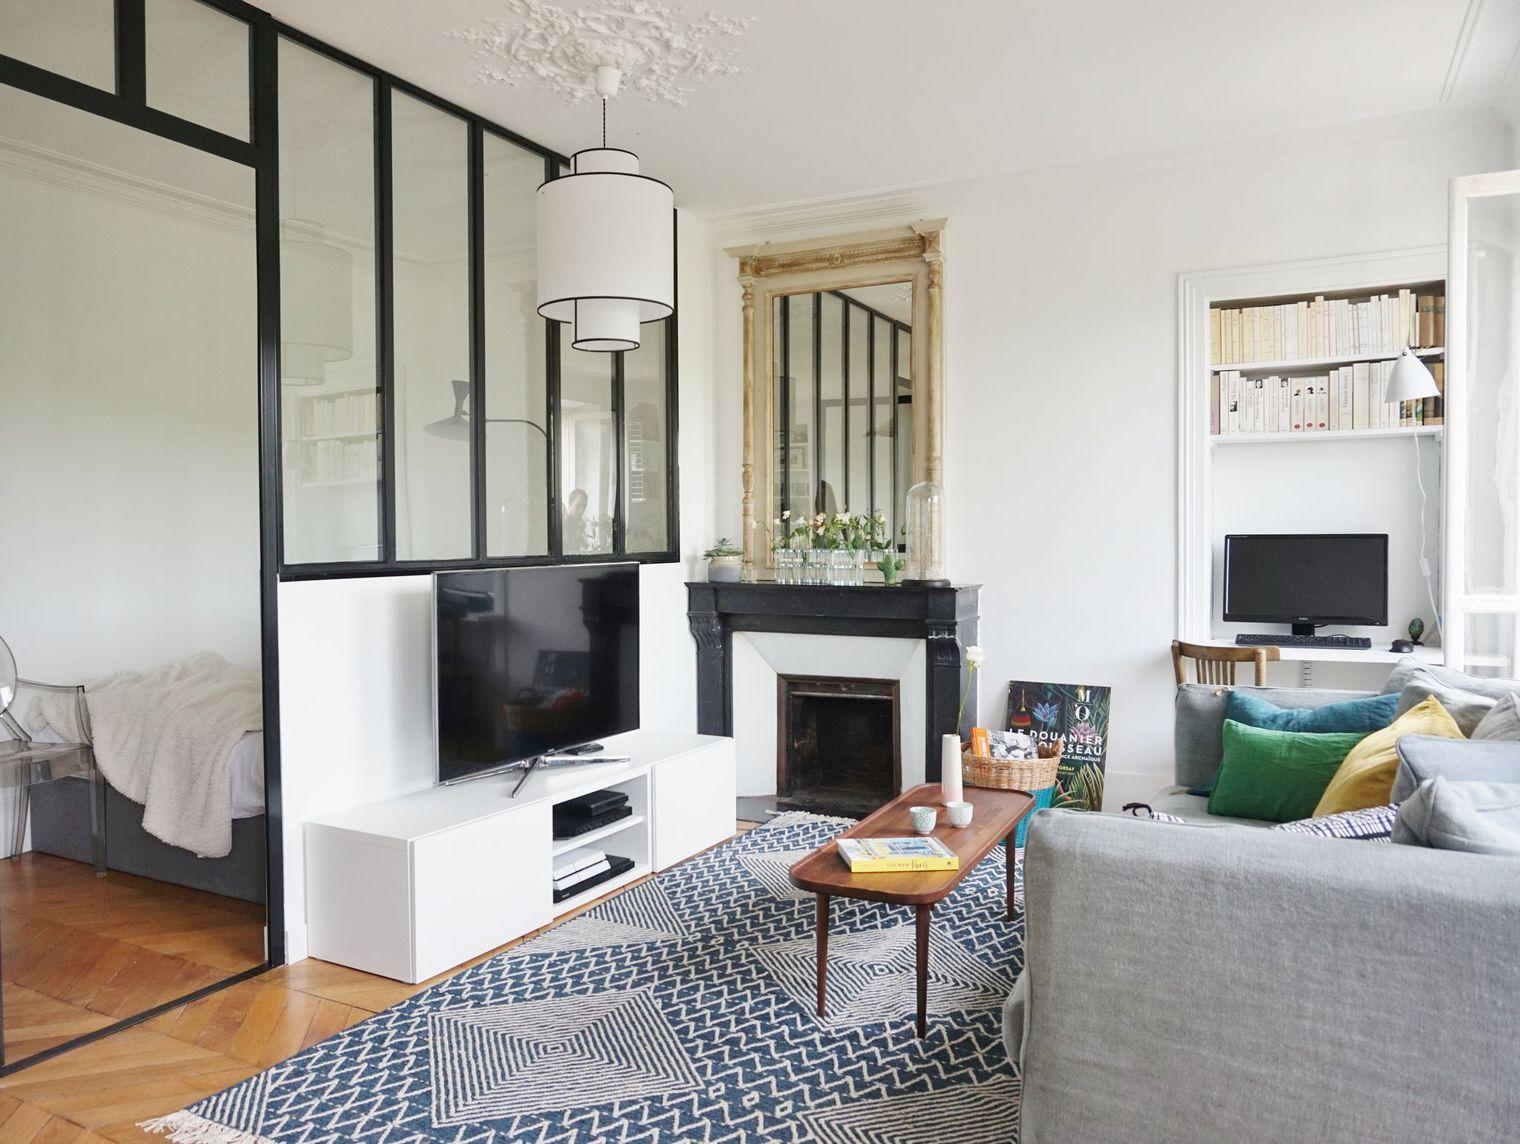 en vid o avant apr s un f2 devenu f3 am nagement studio pinterest meuble tv verri re. Black Bedroom Furniture Sets. Home Design Ideas